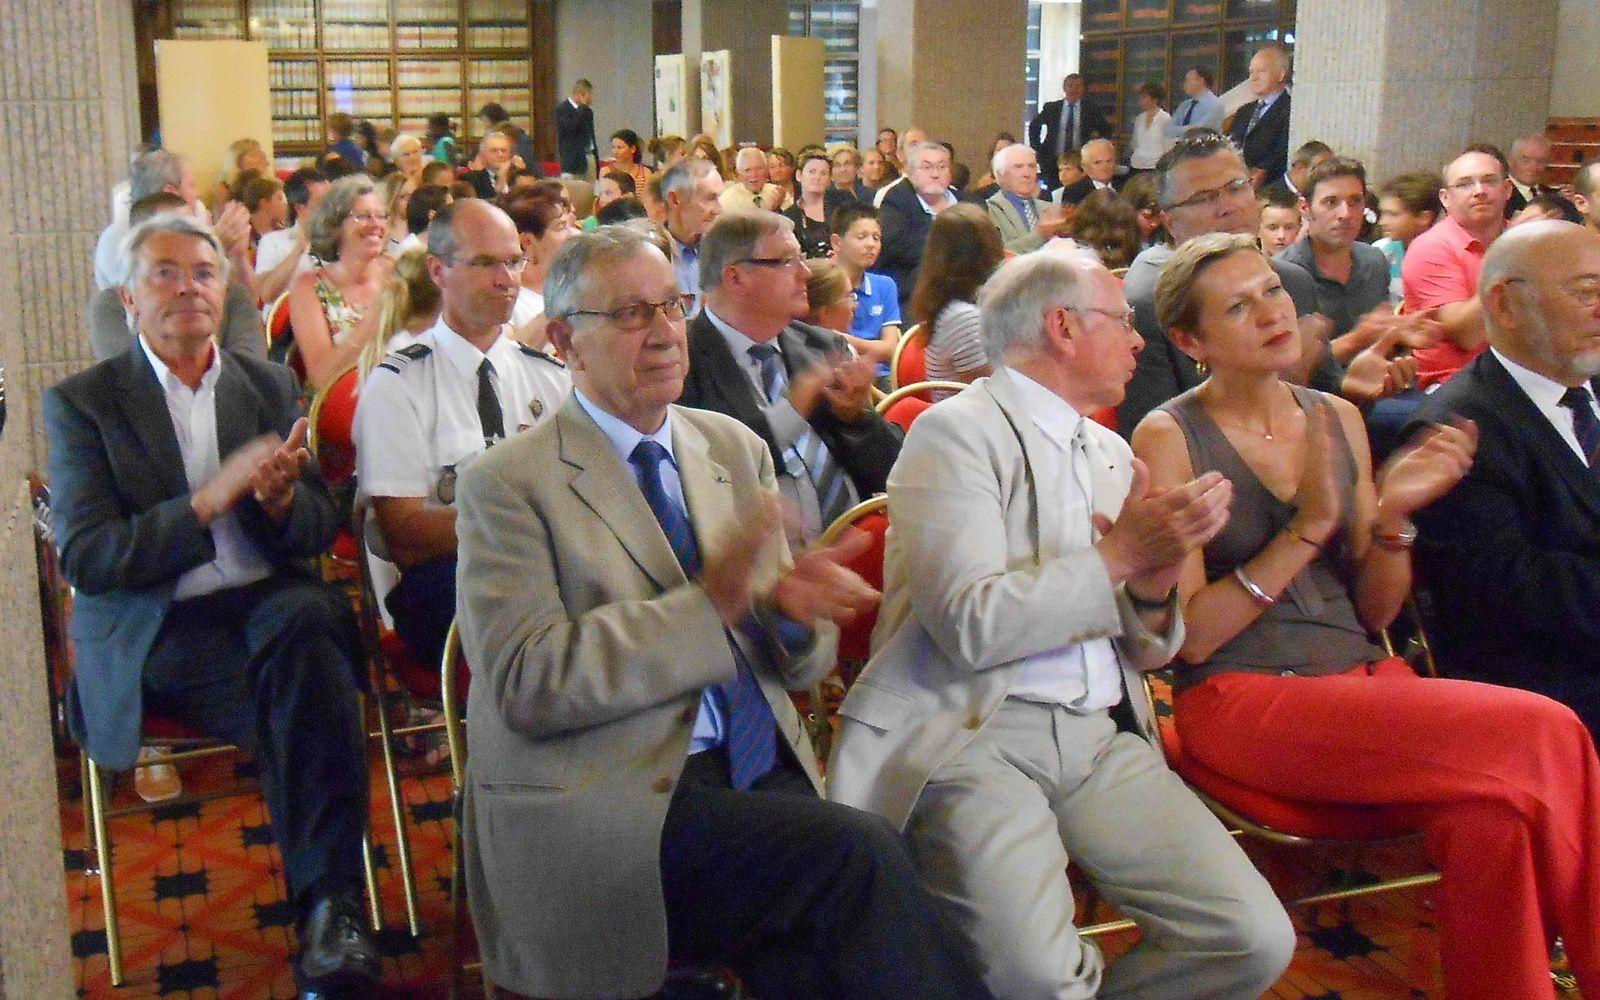 CONCOURS SCOLAIRE : REMISE DES PRIX A VANNES